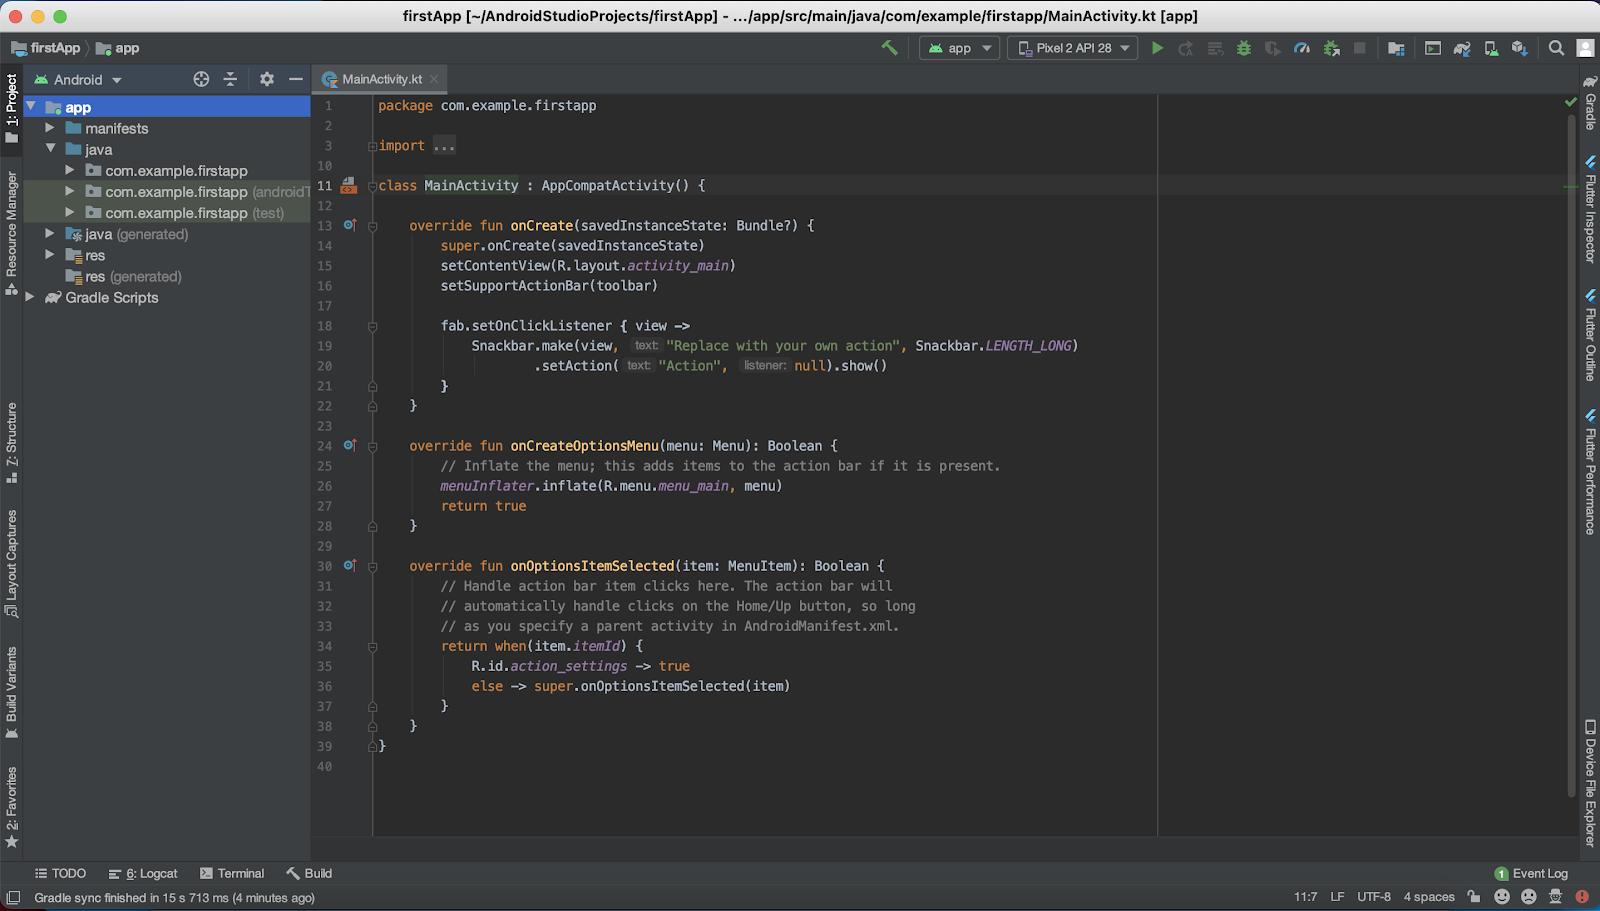 Cómo crear mi primera app Android en producción